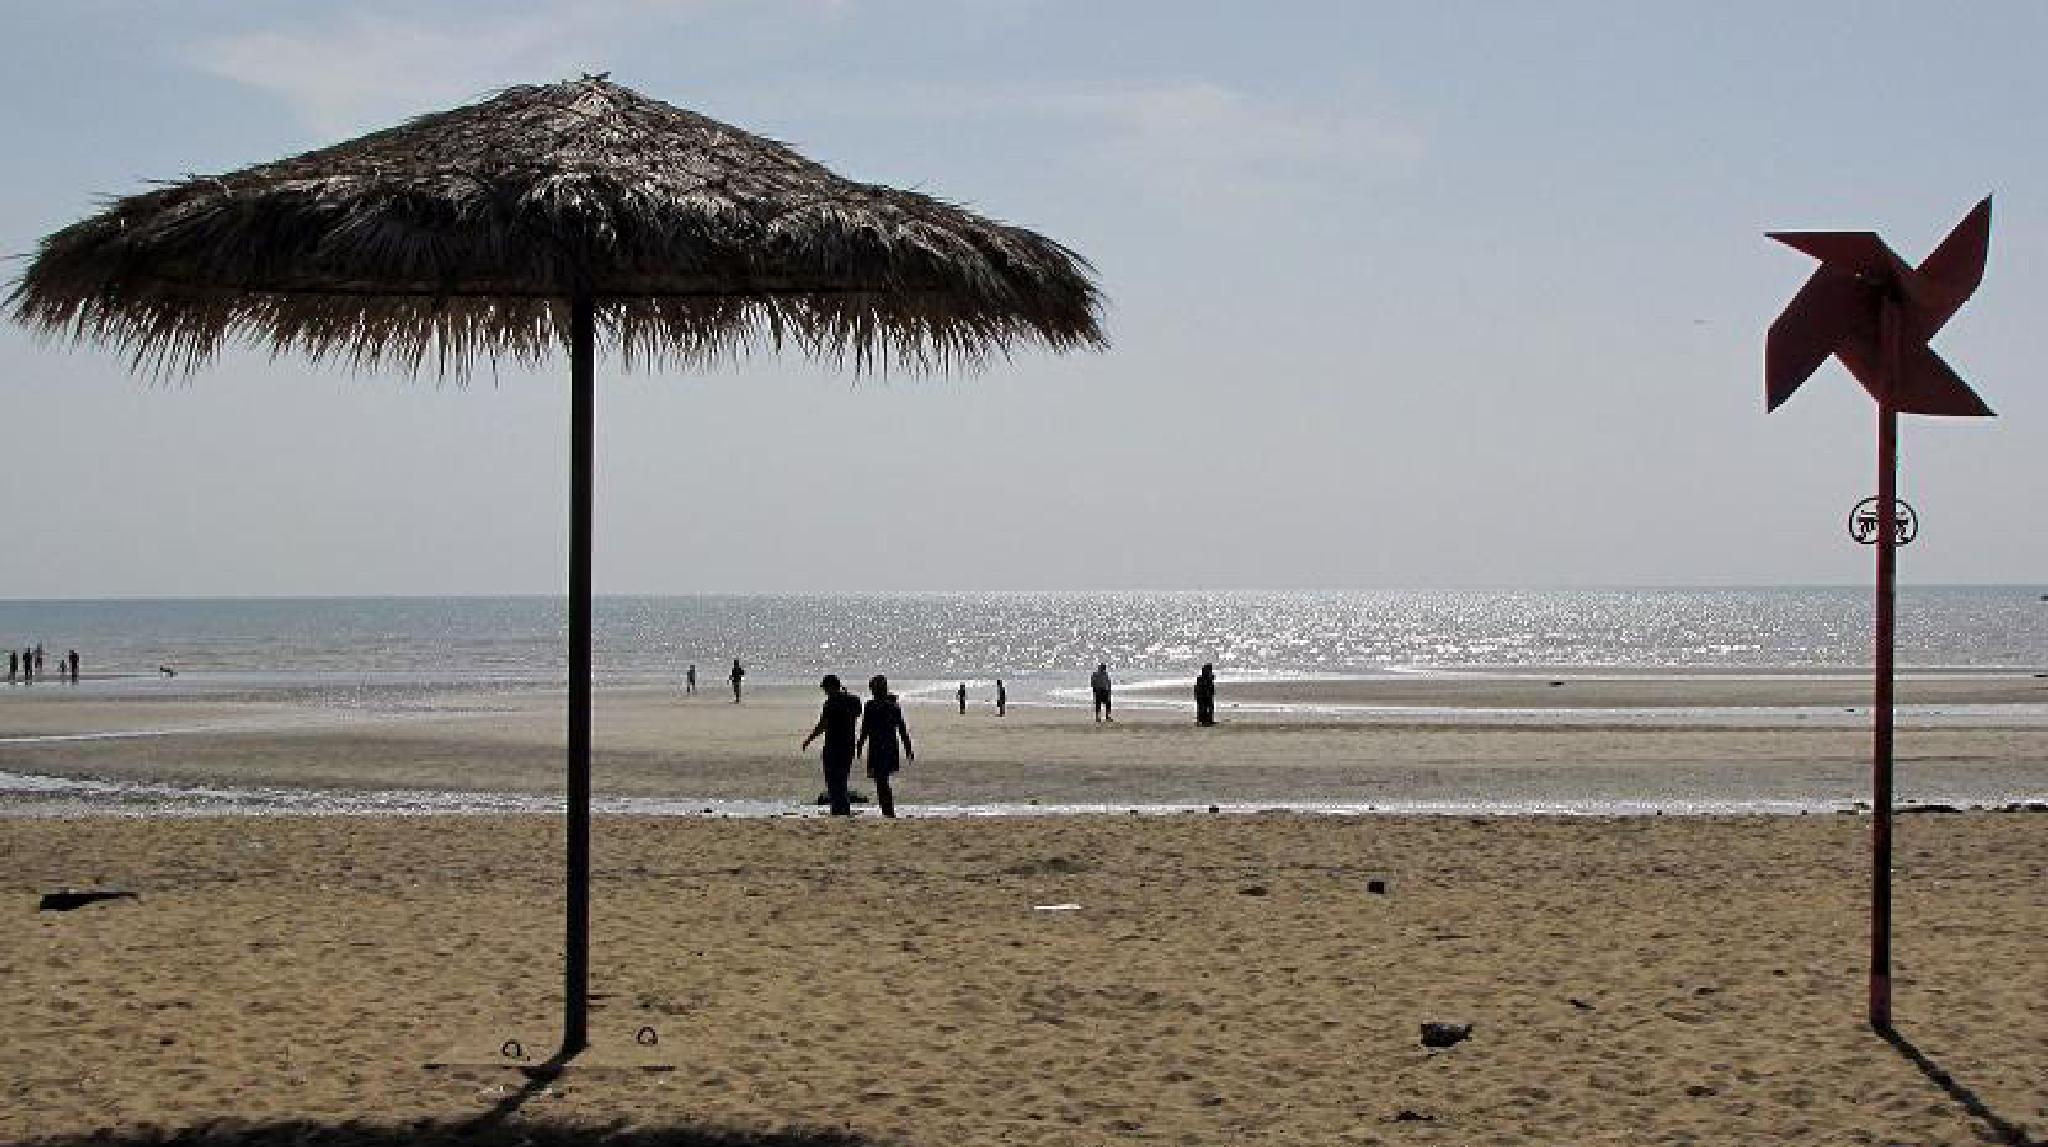 ساحل  by omidshahinpoor